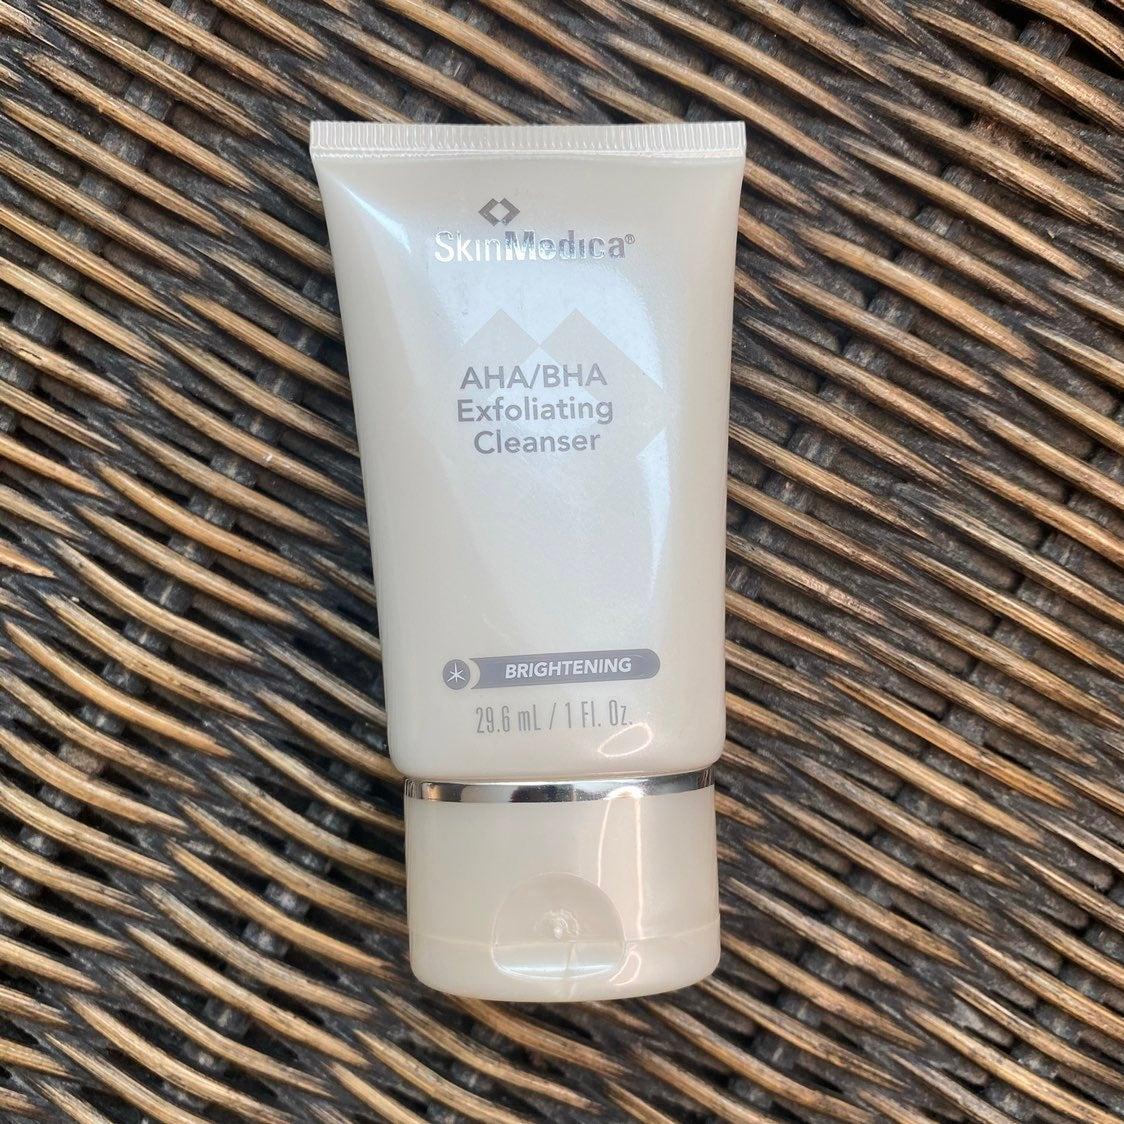 SkinMedica AHA/BHA Exfoliating Cleanser